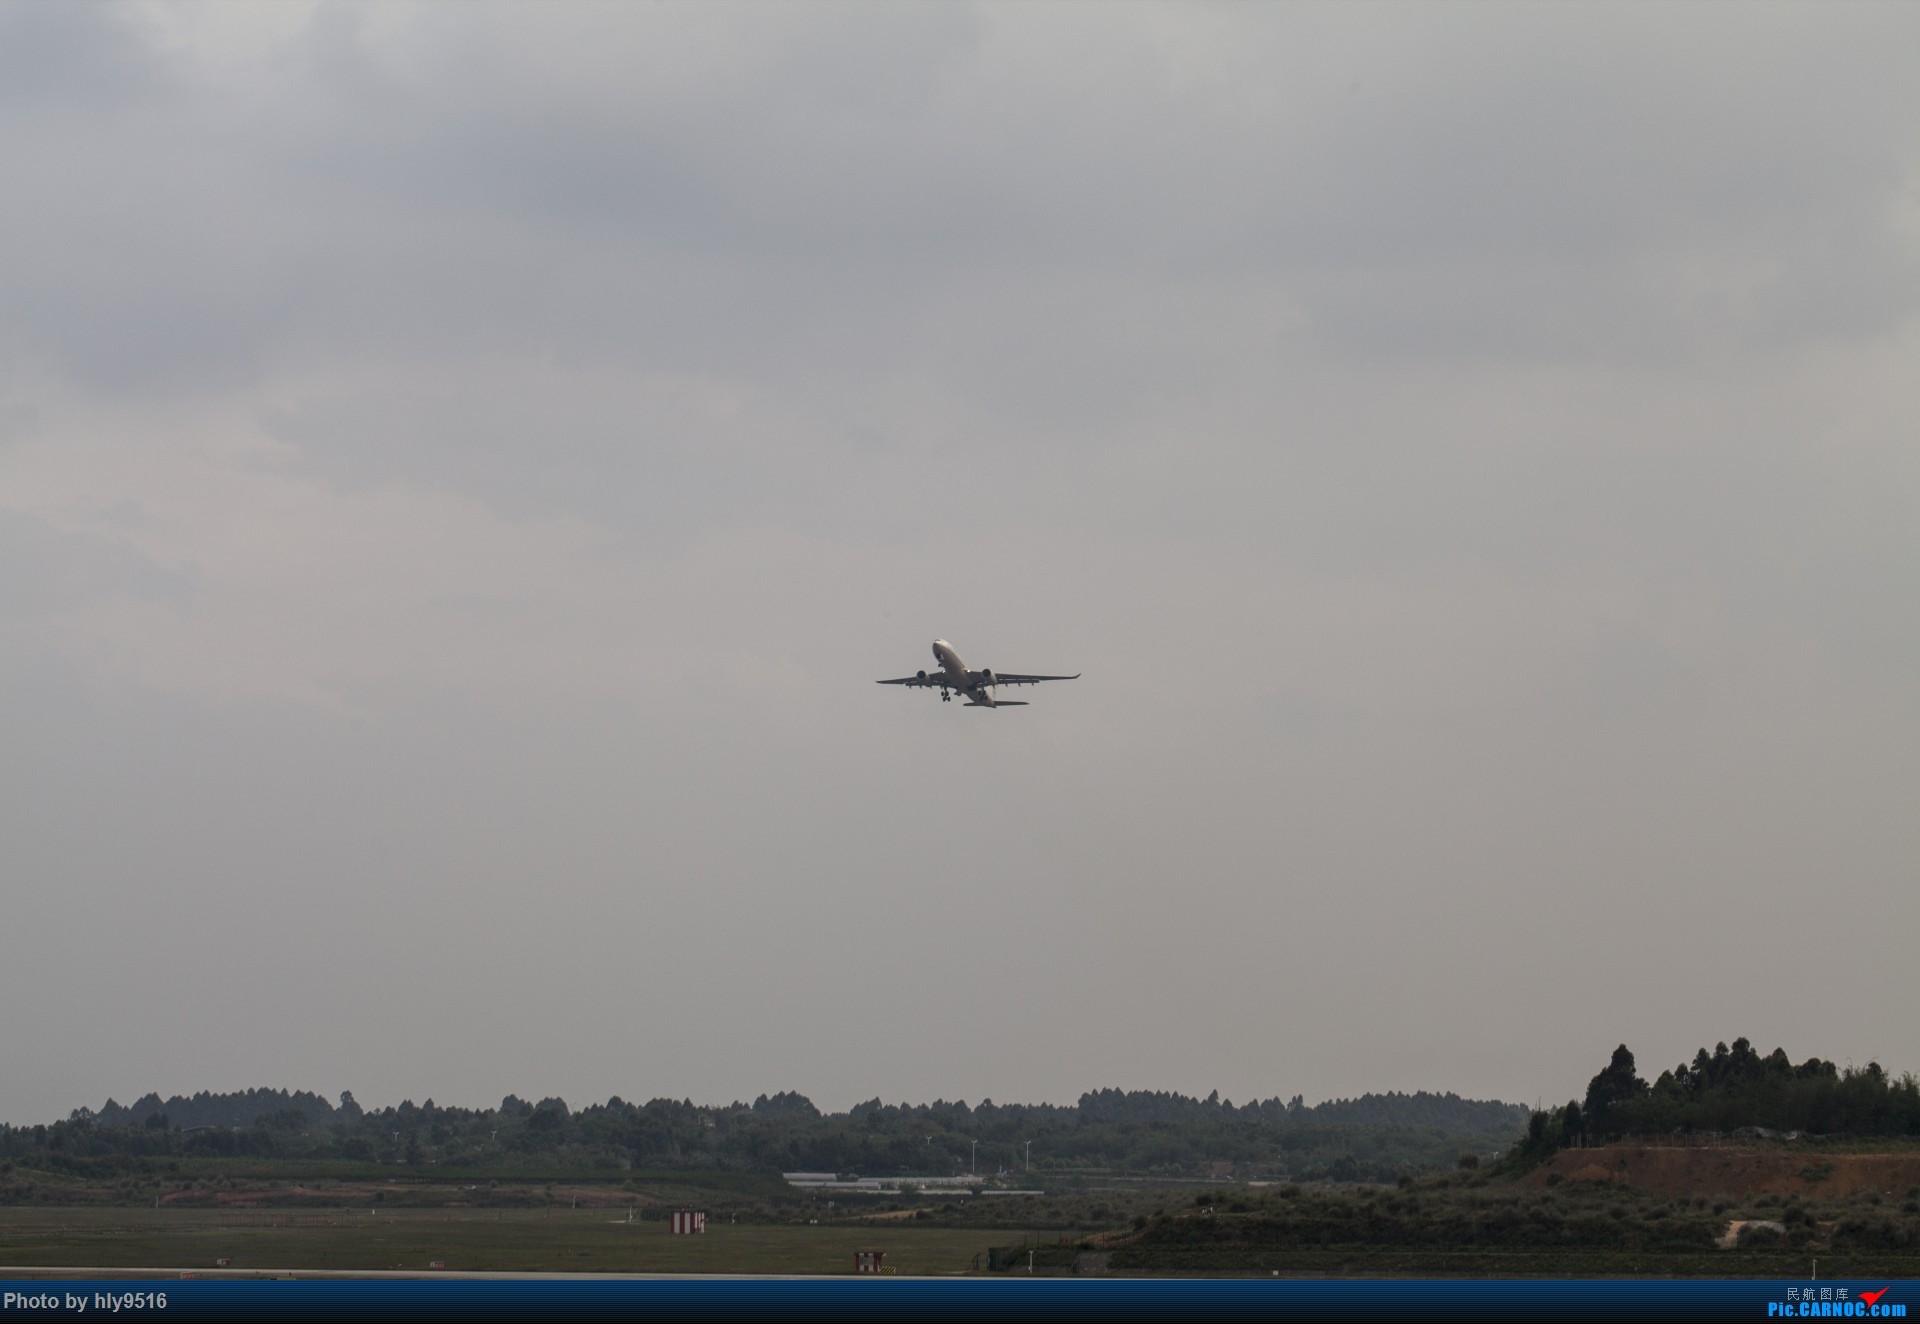 Re:[原创]【CTU】终于解决了大怨念南航A380 偶遇长荣新涂装 两次复飞 小怨念若干 AIRBUS A330-200  中国成都双流国际机场